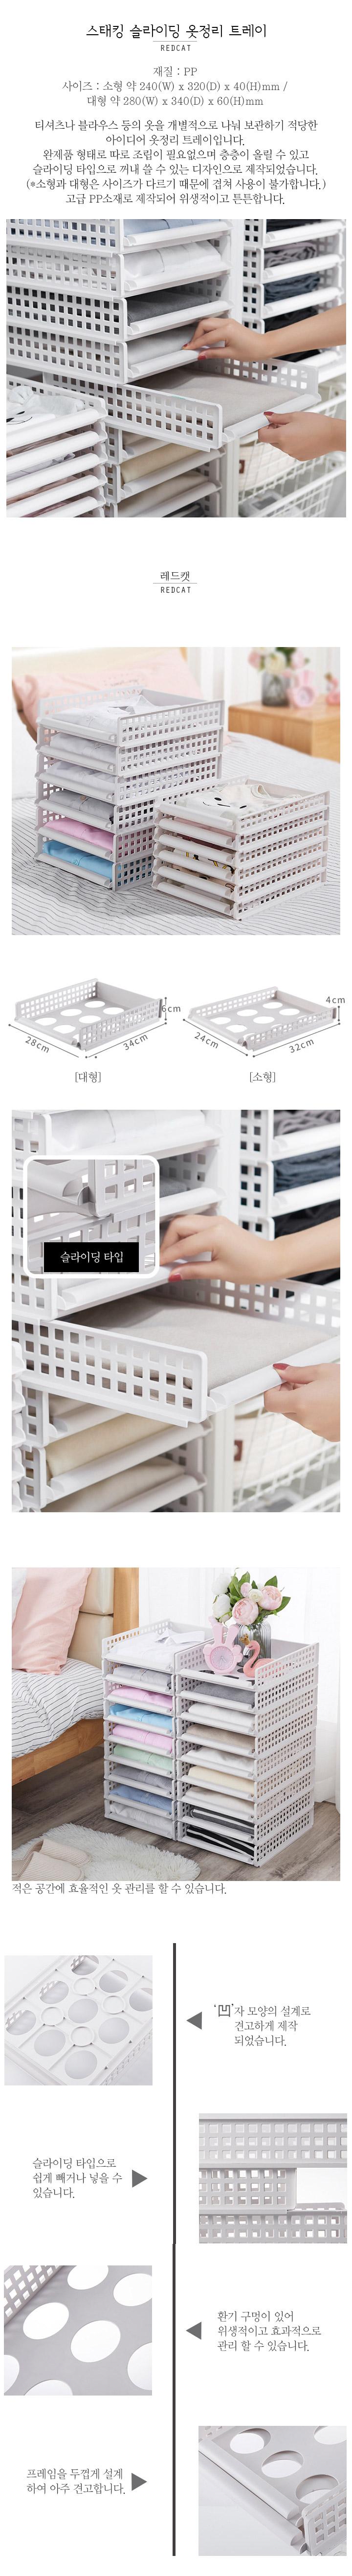 스태킹 슬라이딩 옷정리 트레이 - 네코리빙, 3,920원, 정리/리빙박스, 플라스틱 리빙박스